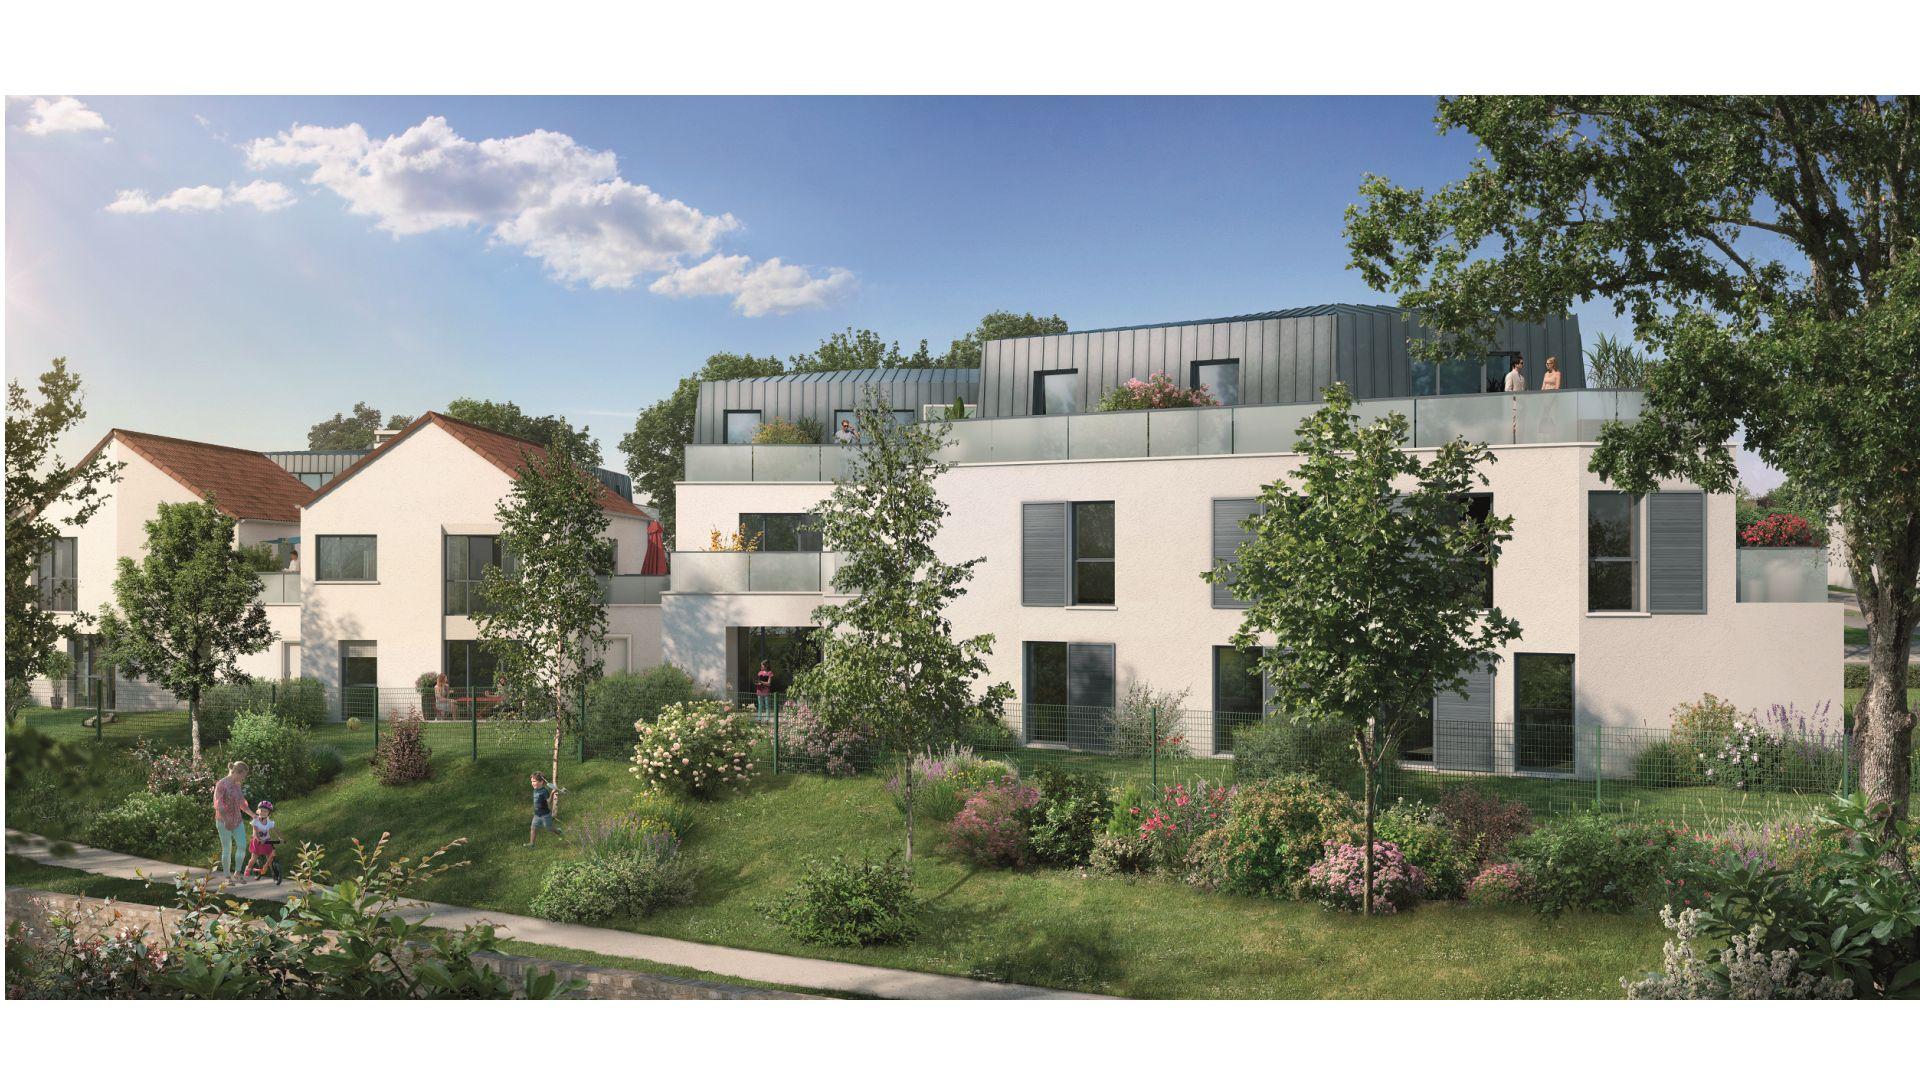 Greencity Immobilier - Le Stendhal - Cesson 77240 - achat appartements du T1 au T4 - Villa T4 et T5  - vue jardin